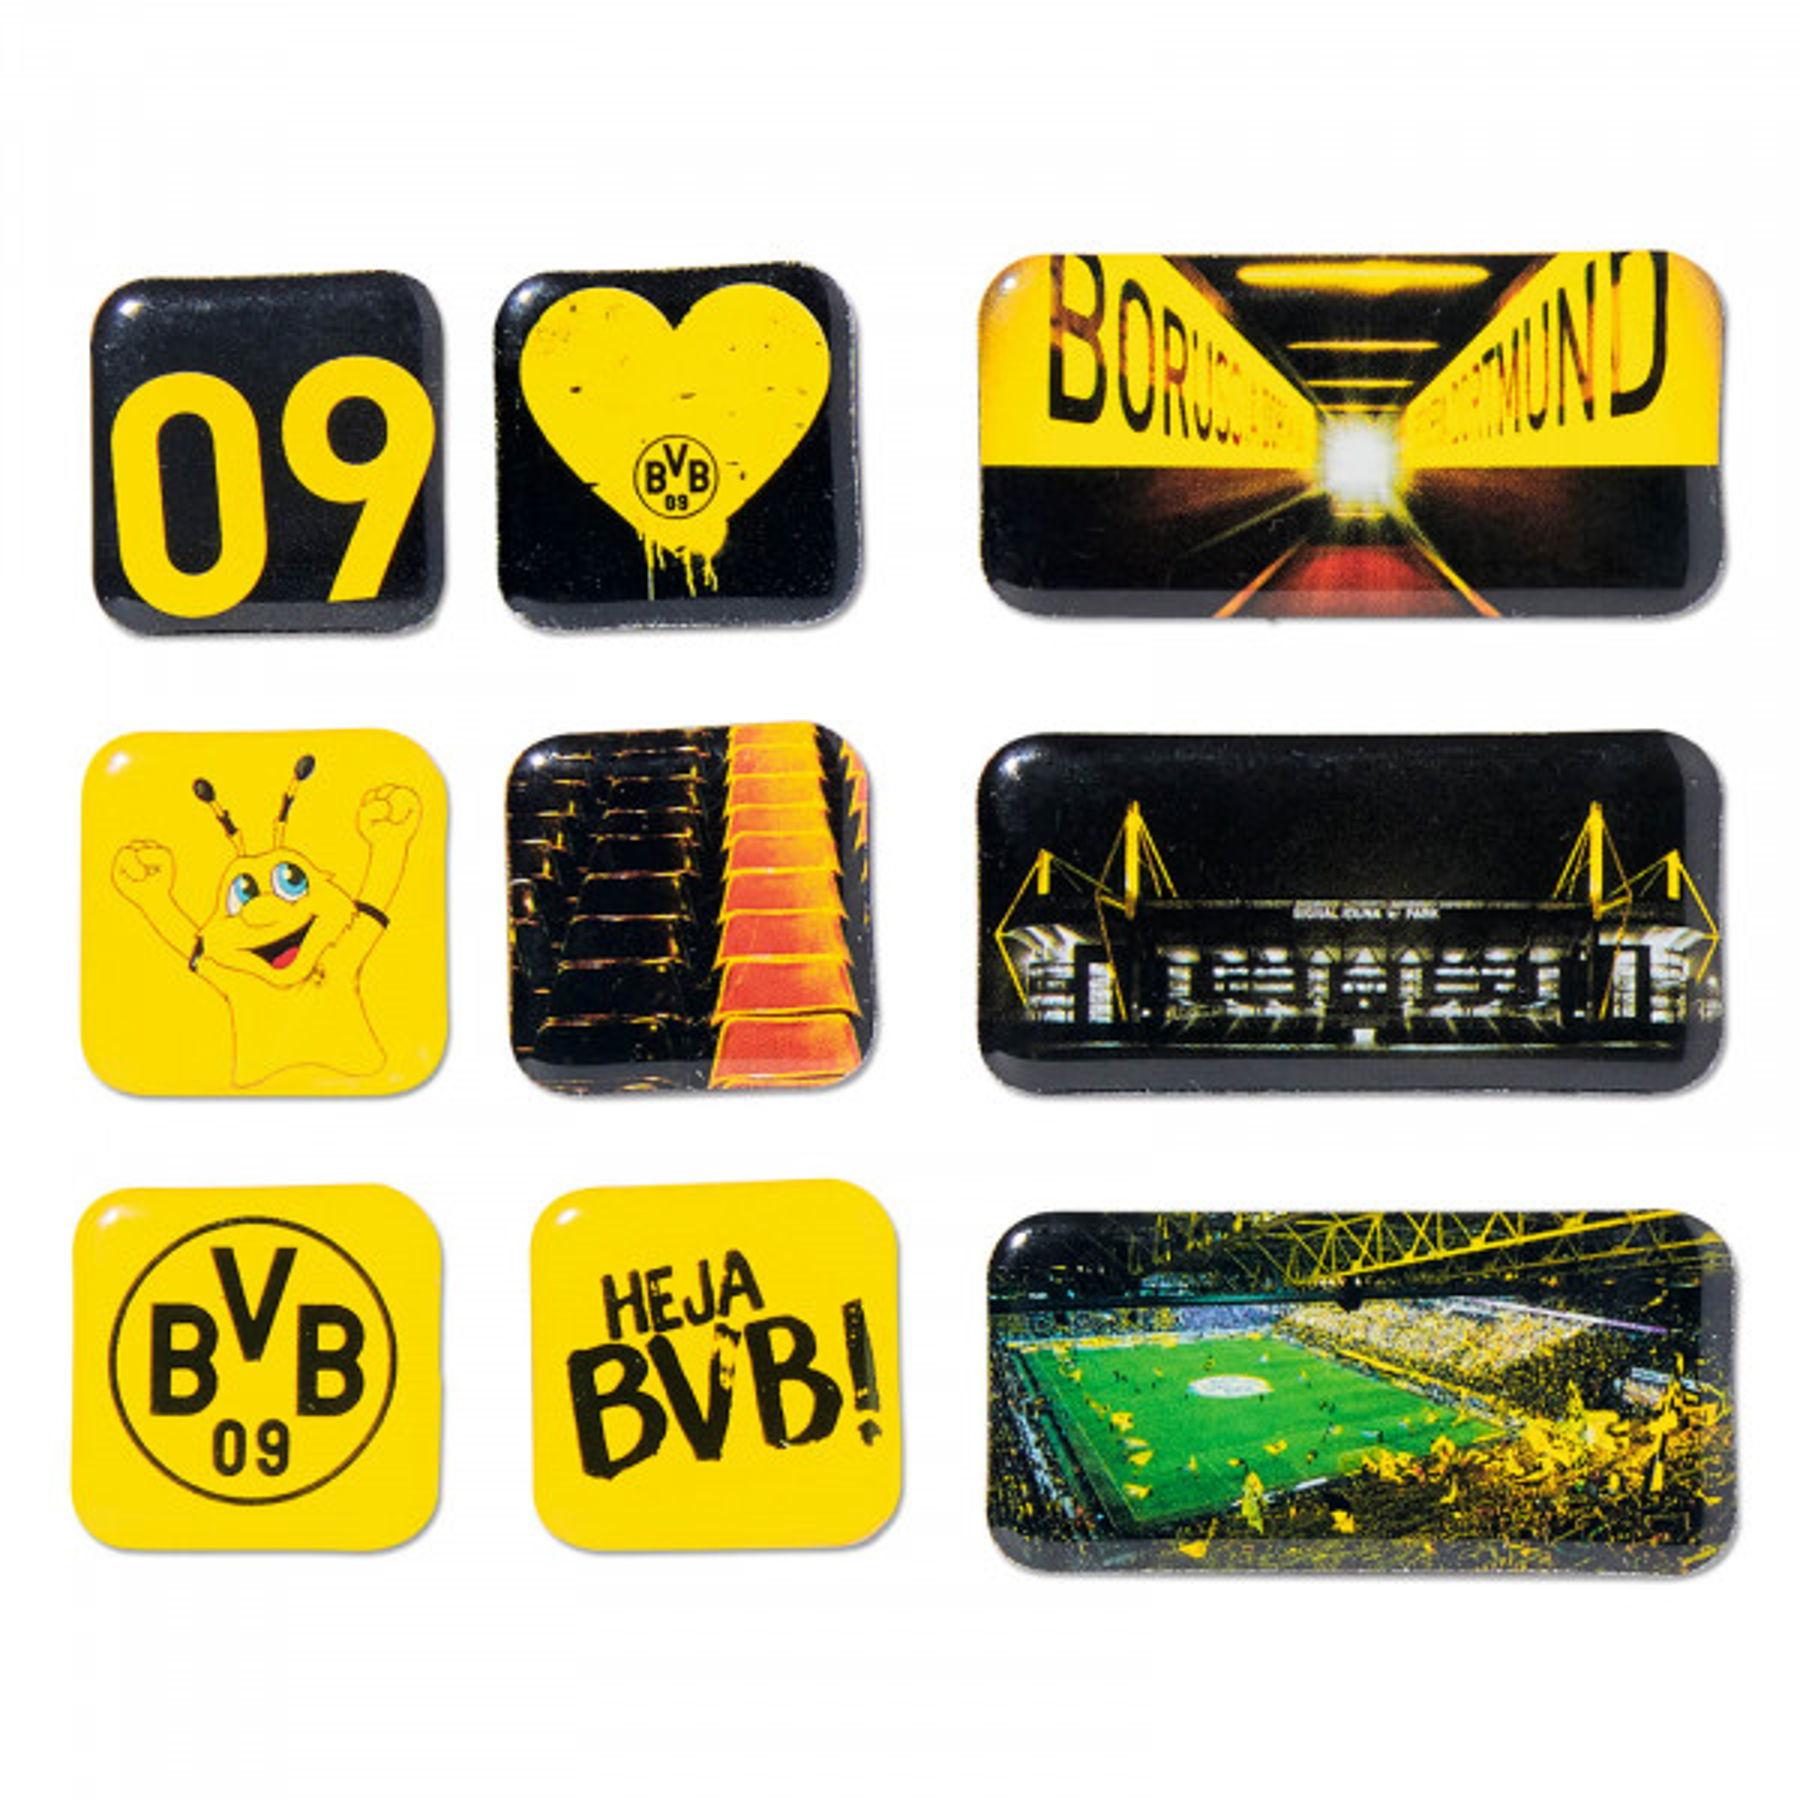 Borussia Dortmund Magnetset